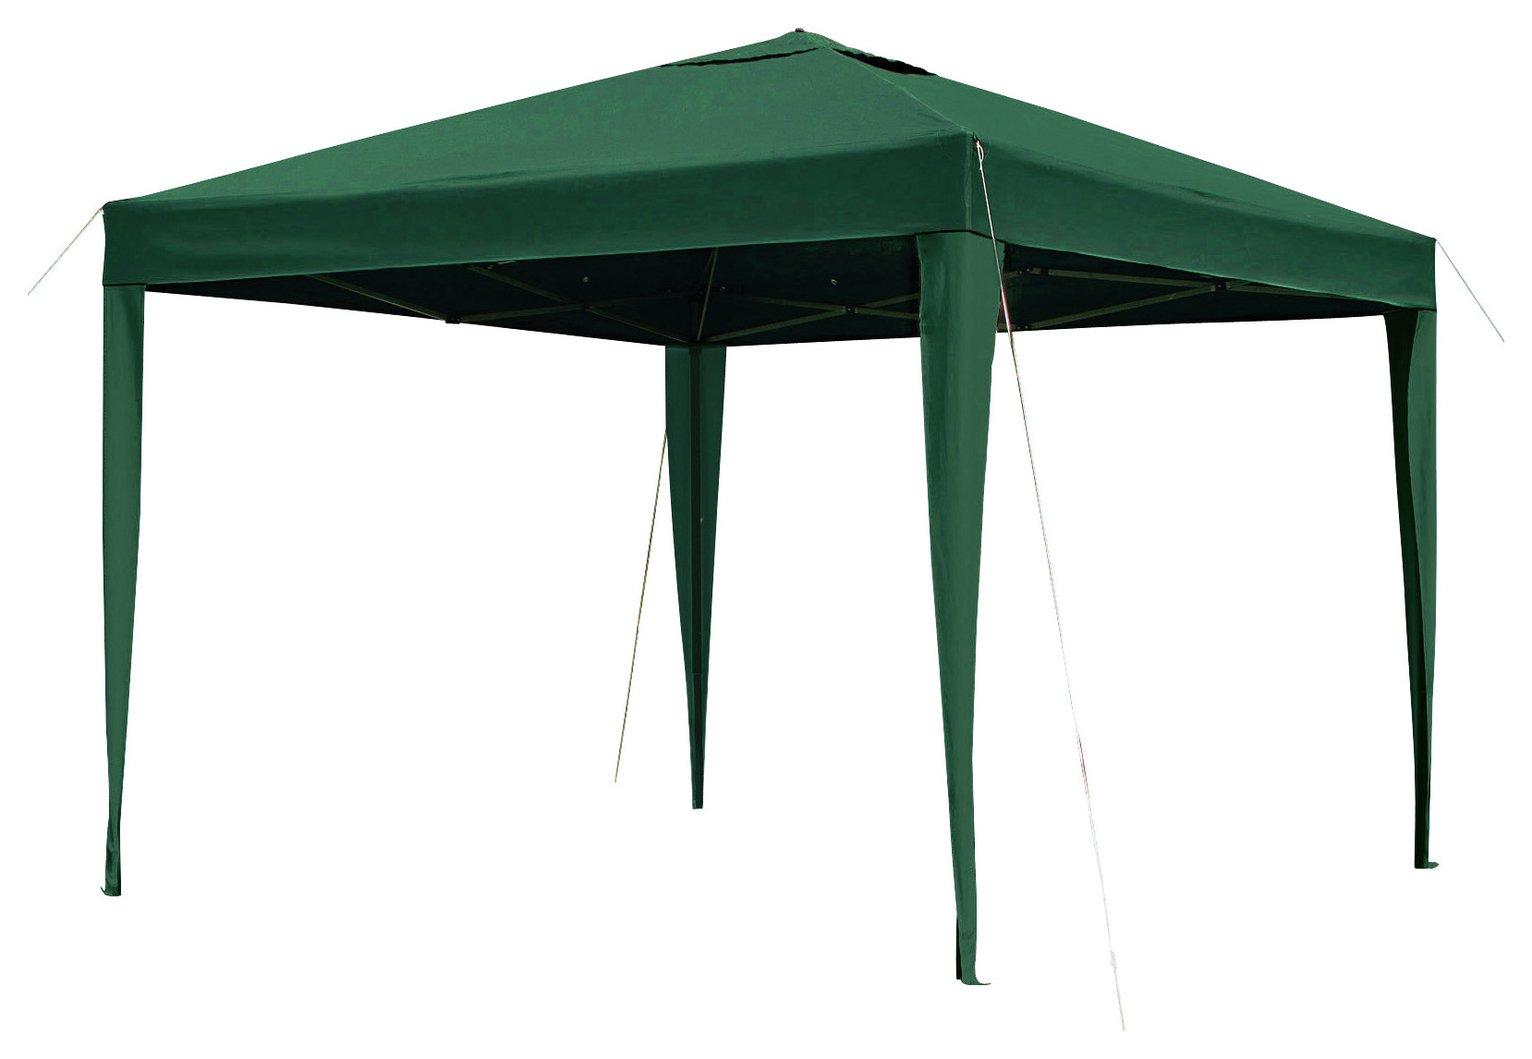 Argos Home 3m x 3m Pop up Garden Gazebo - Green